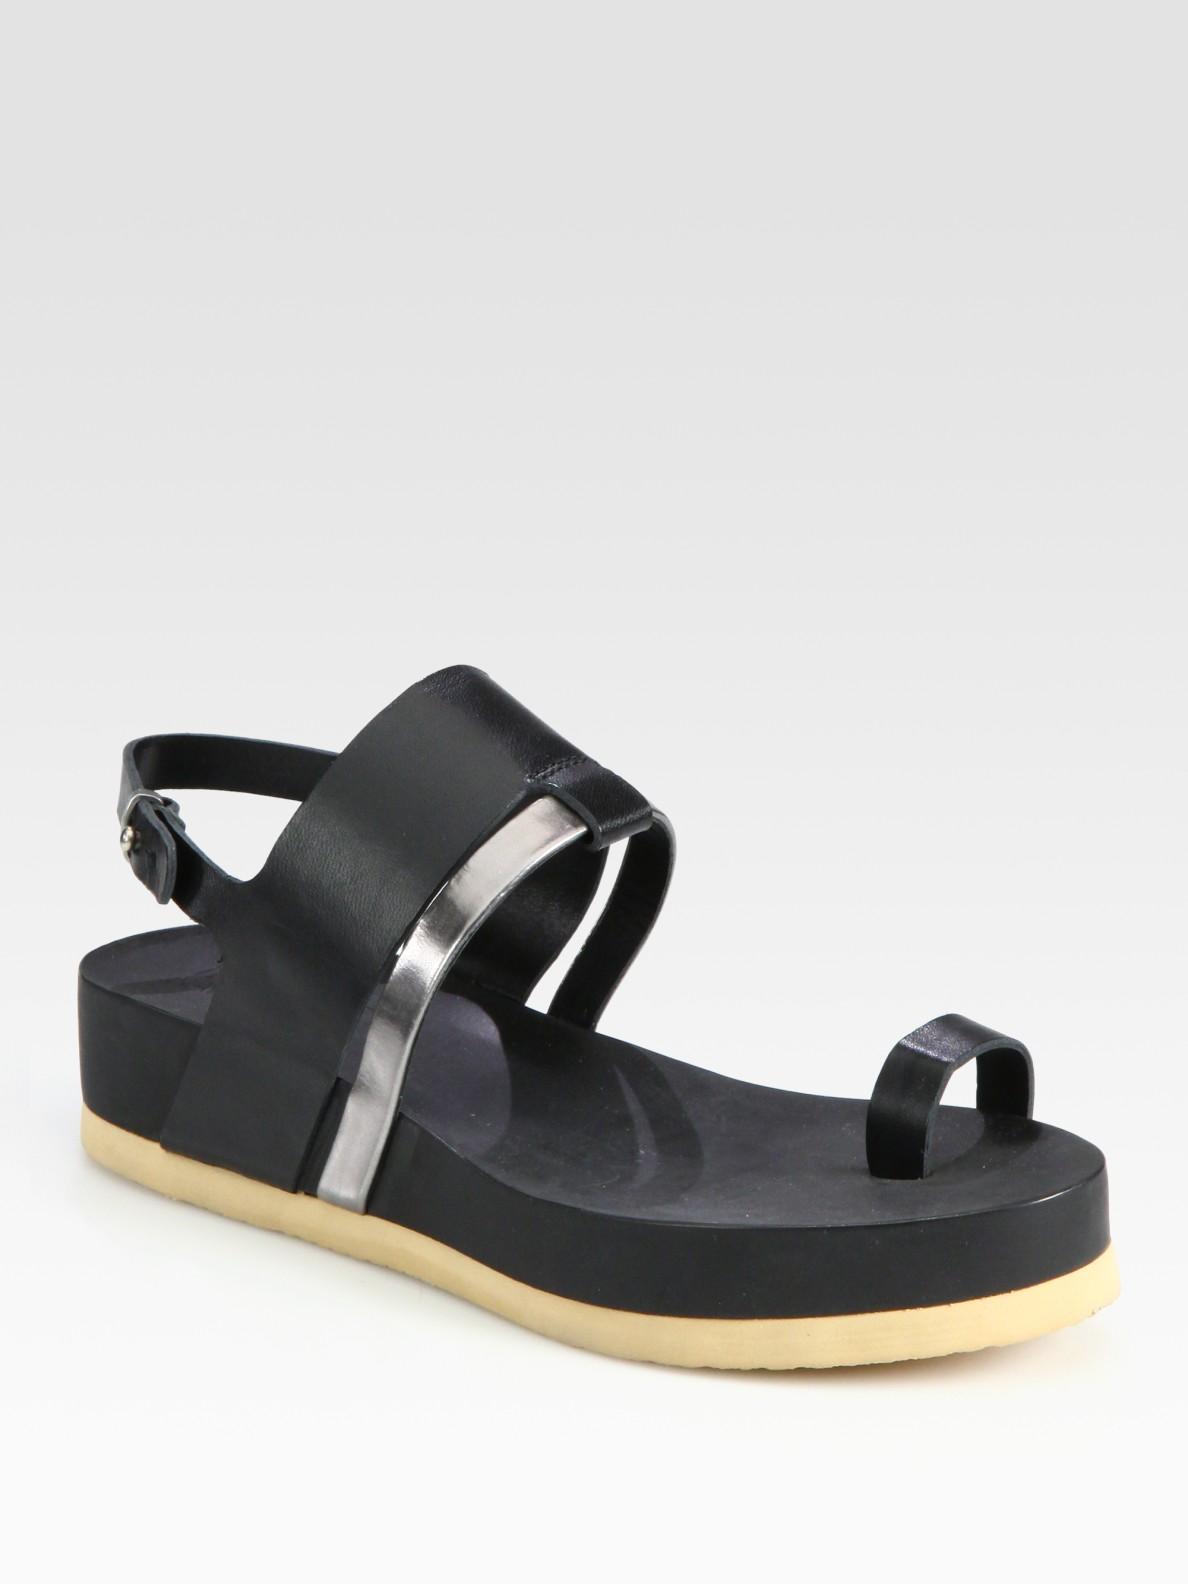 e821fb3f3c0a Lyst - Jil Sander Navy Leather Slingback Platform Sandals in Black